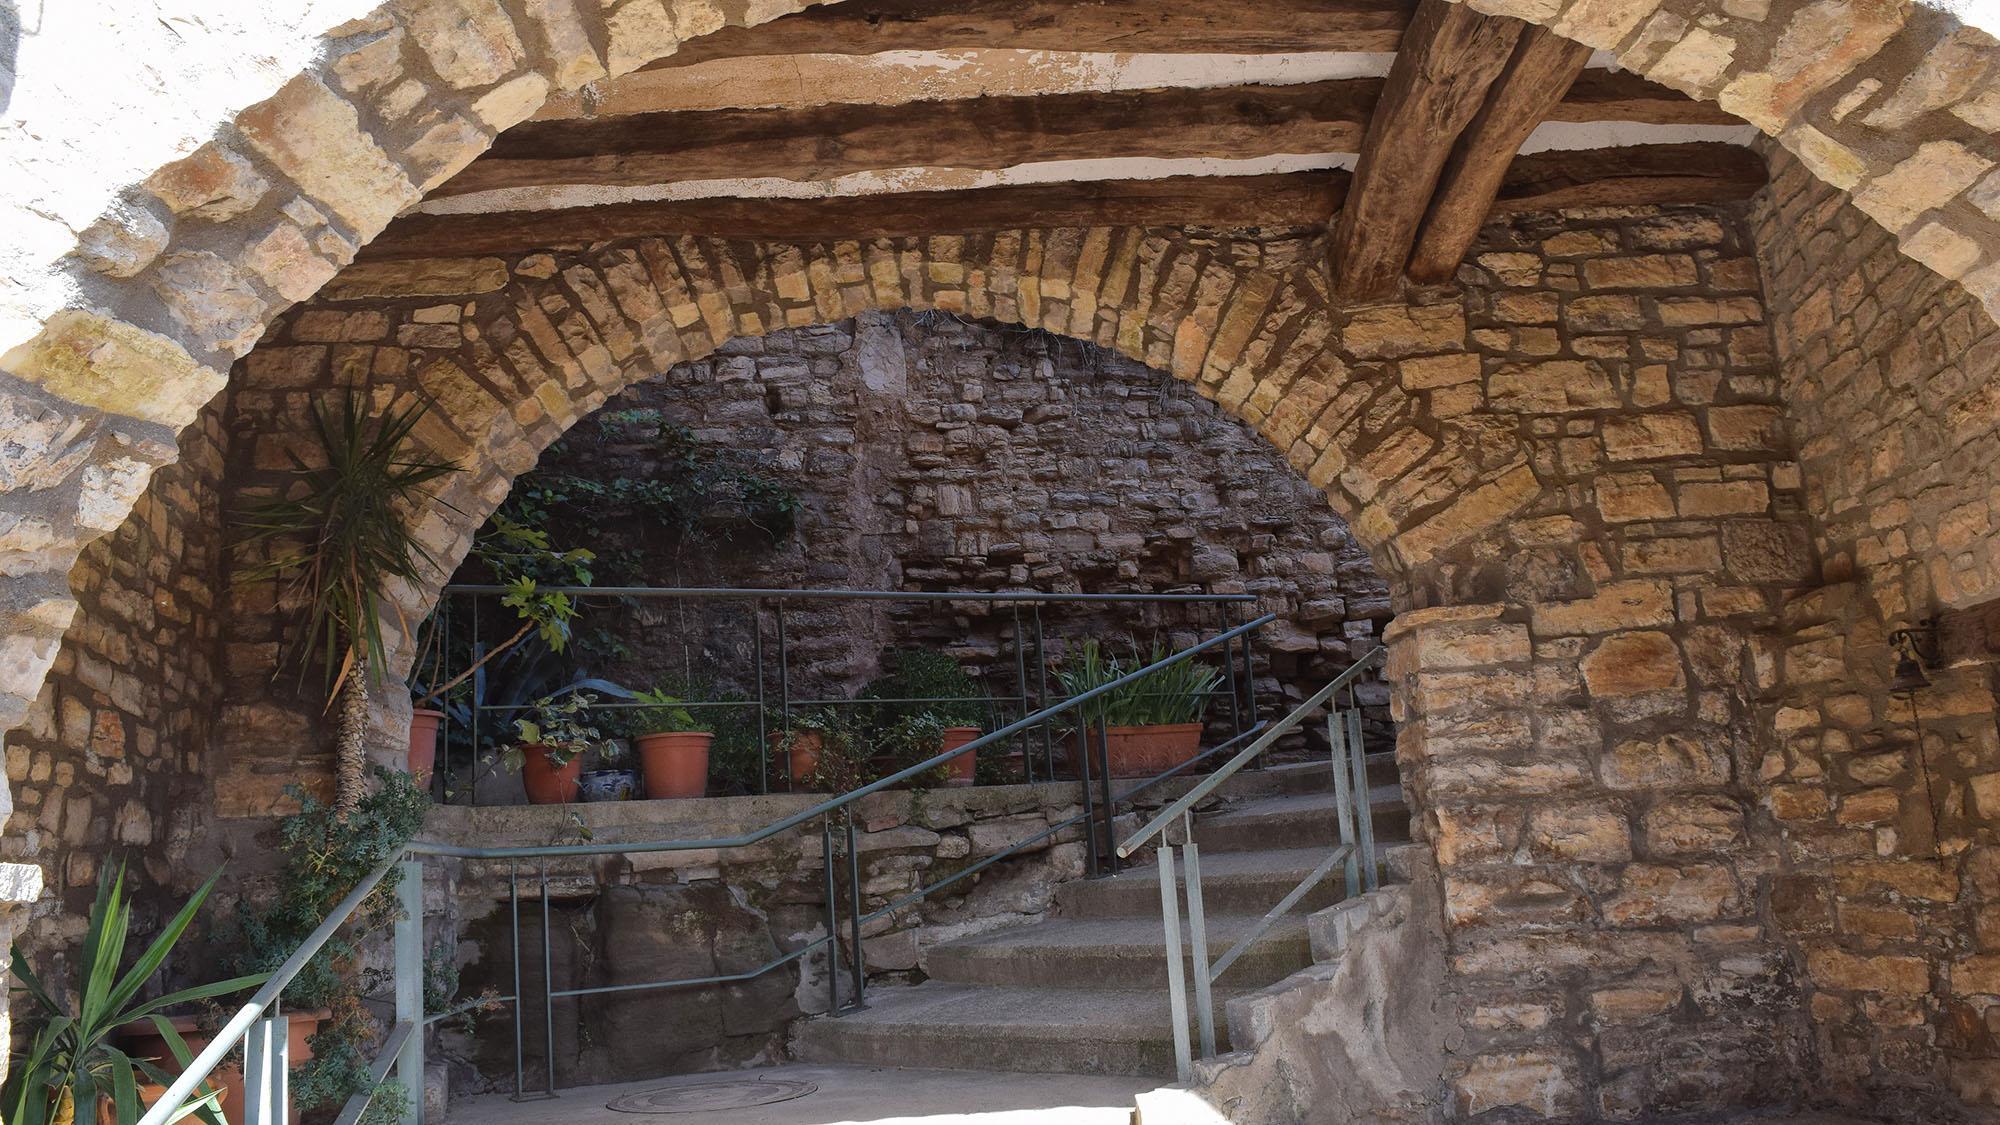 Vieille ville  Carrers i portal